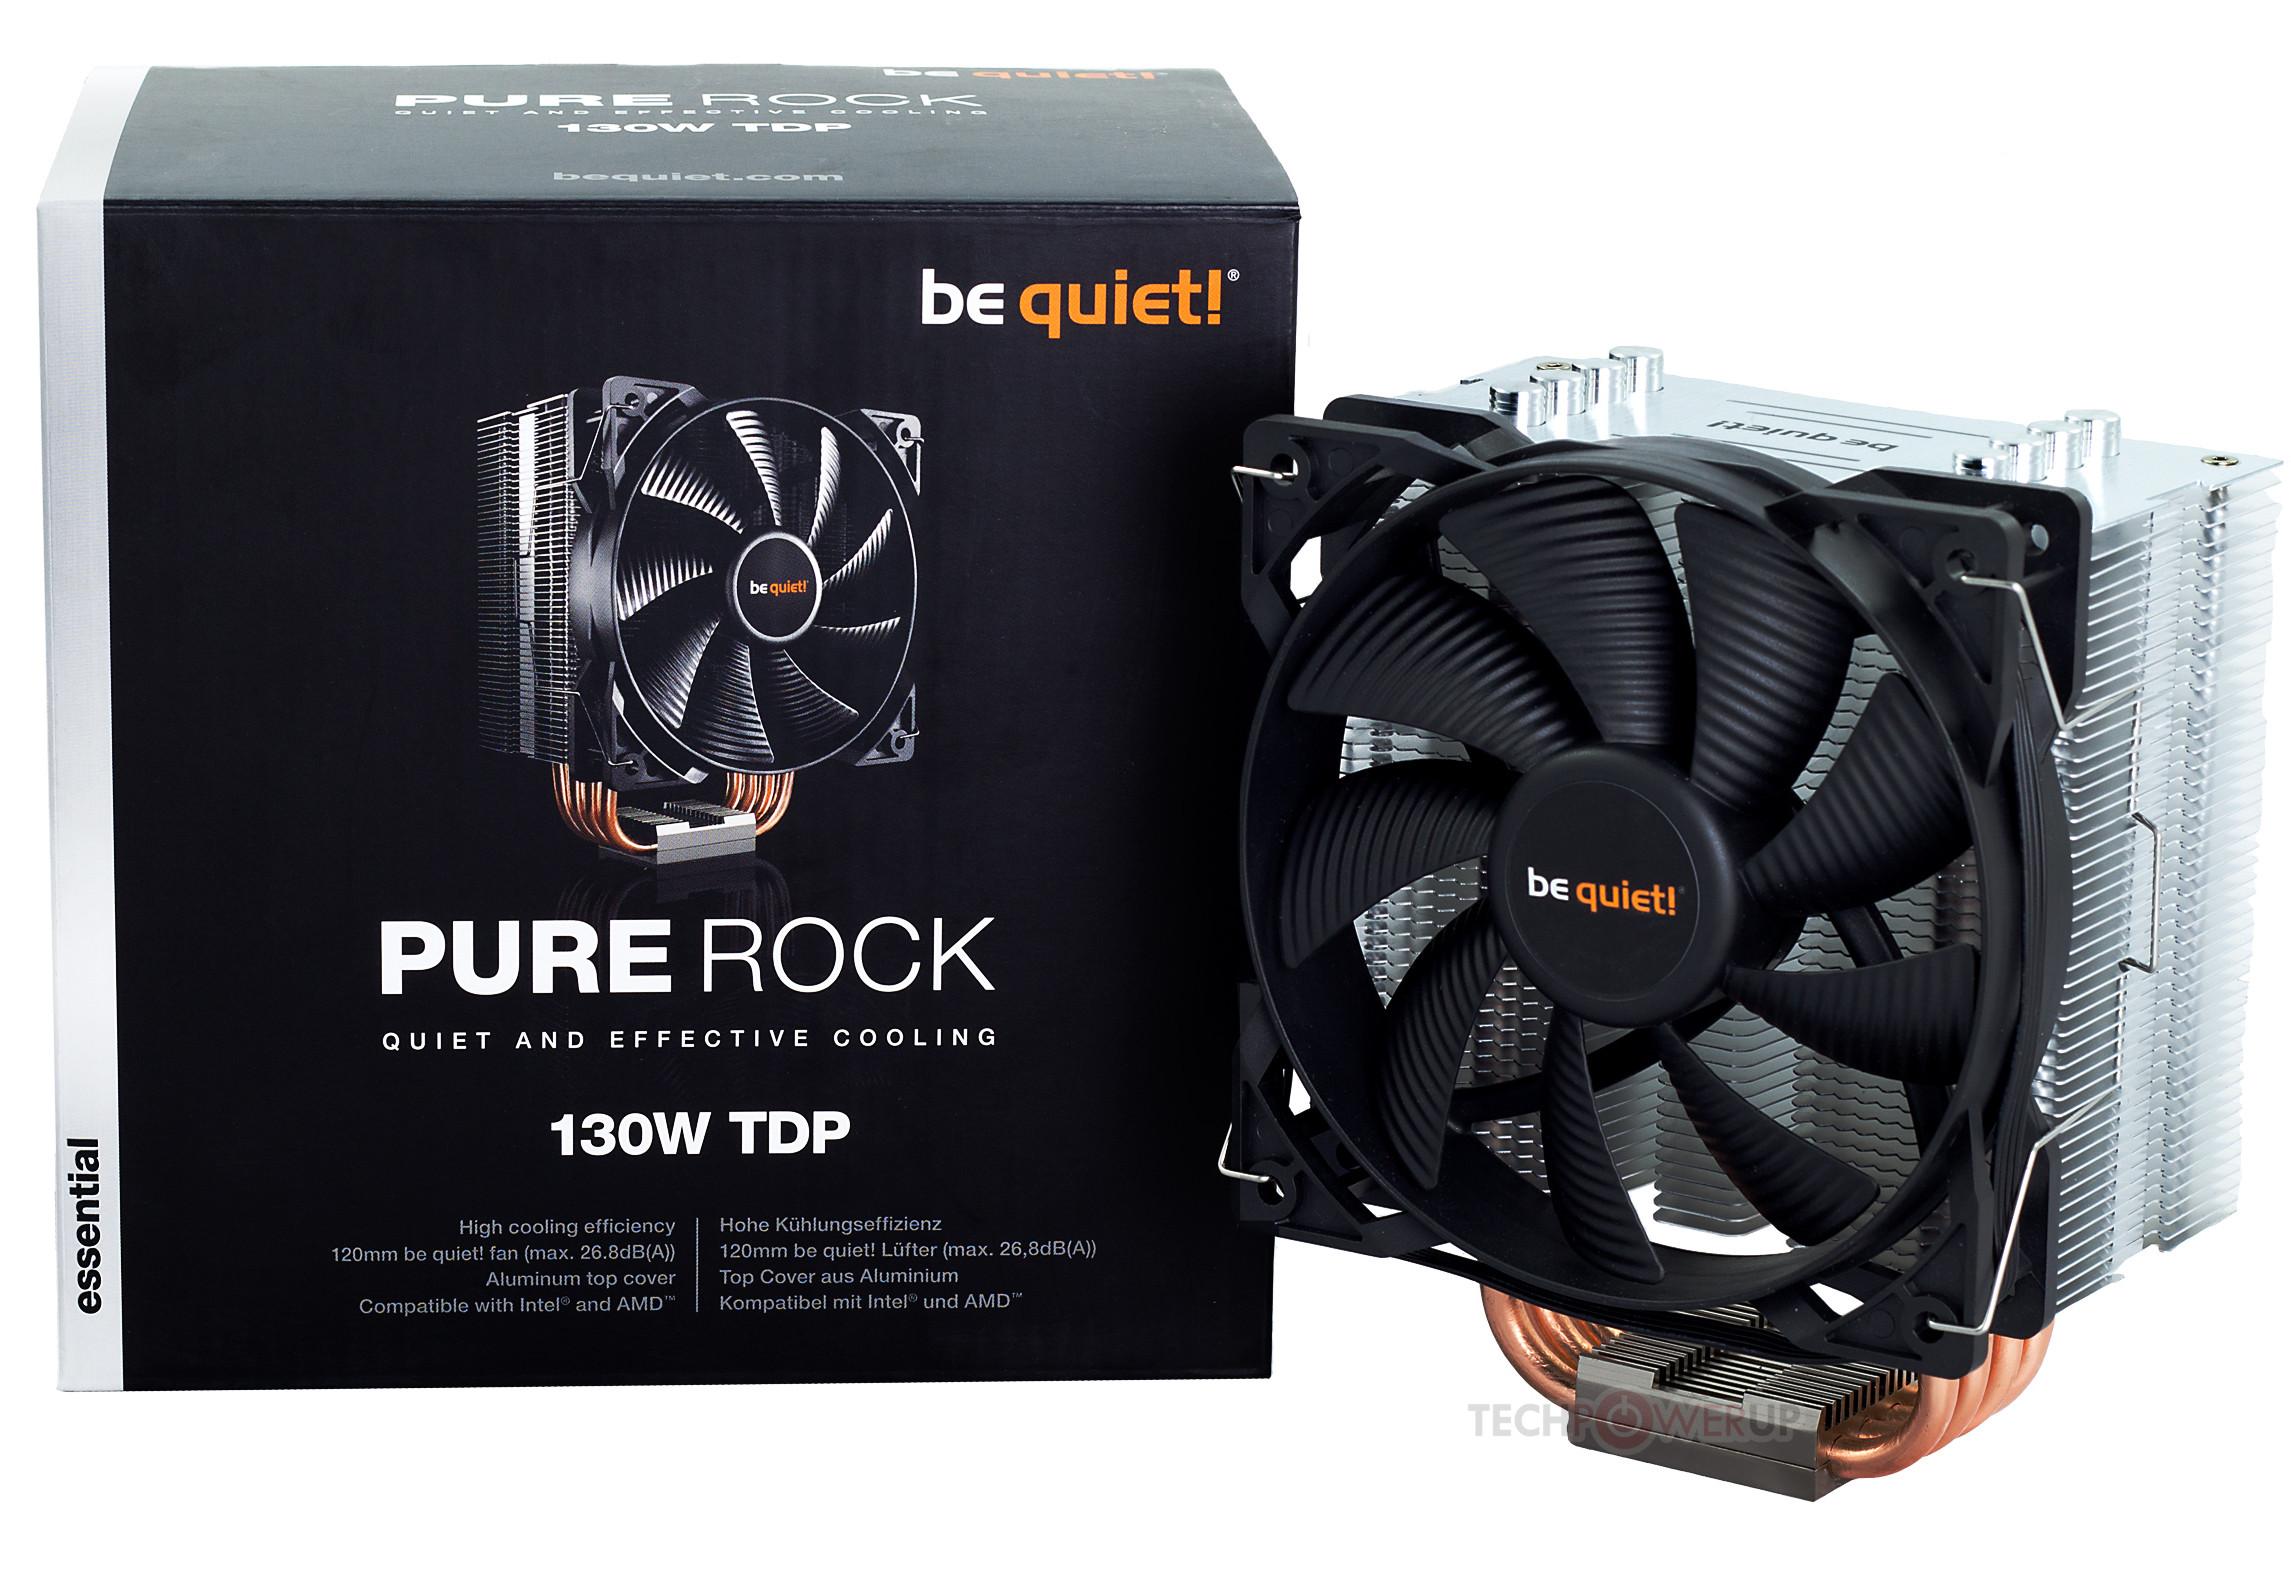 Be Quiet! анонсировали бюджетный процессорный кулер Pure Rock